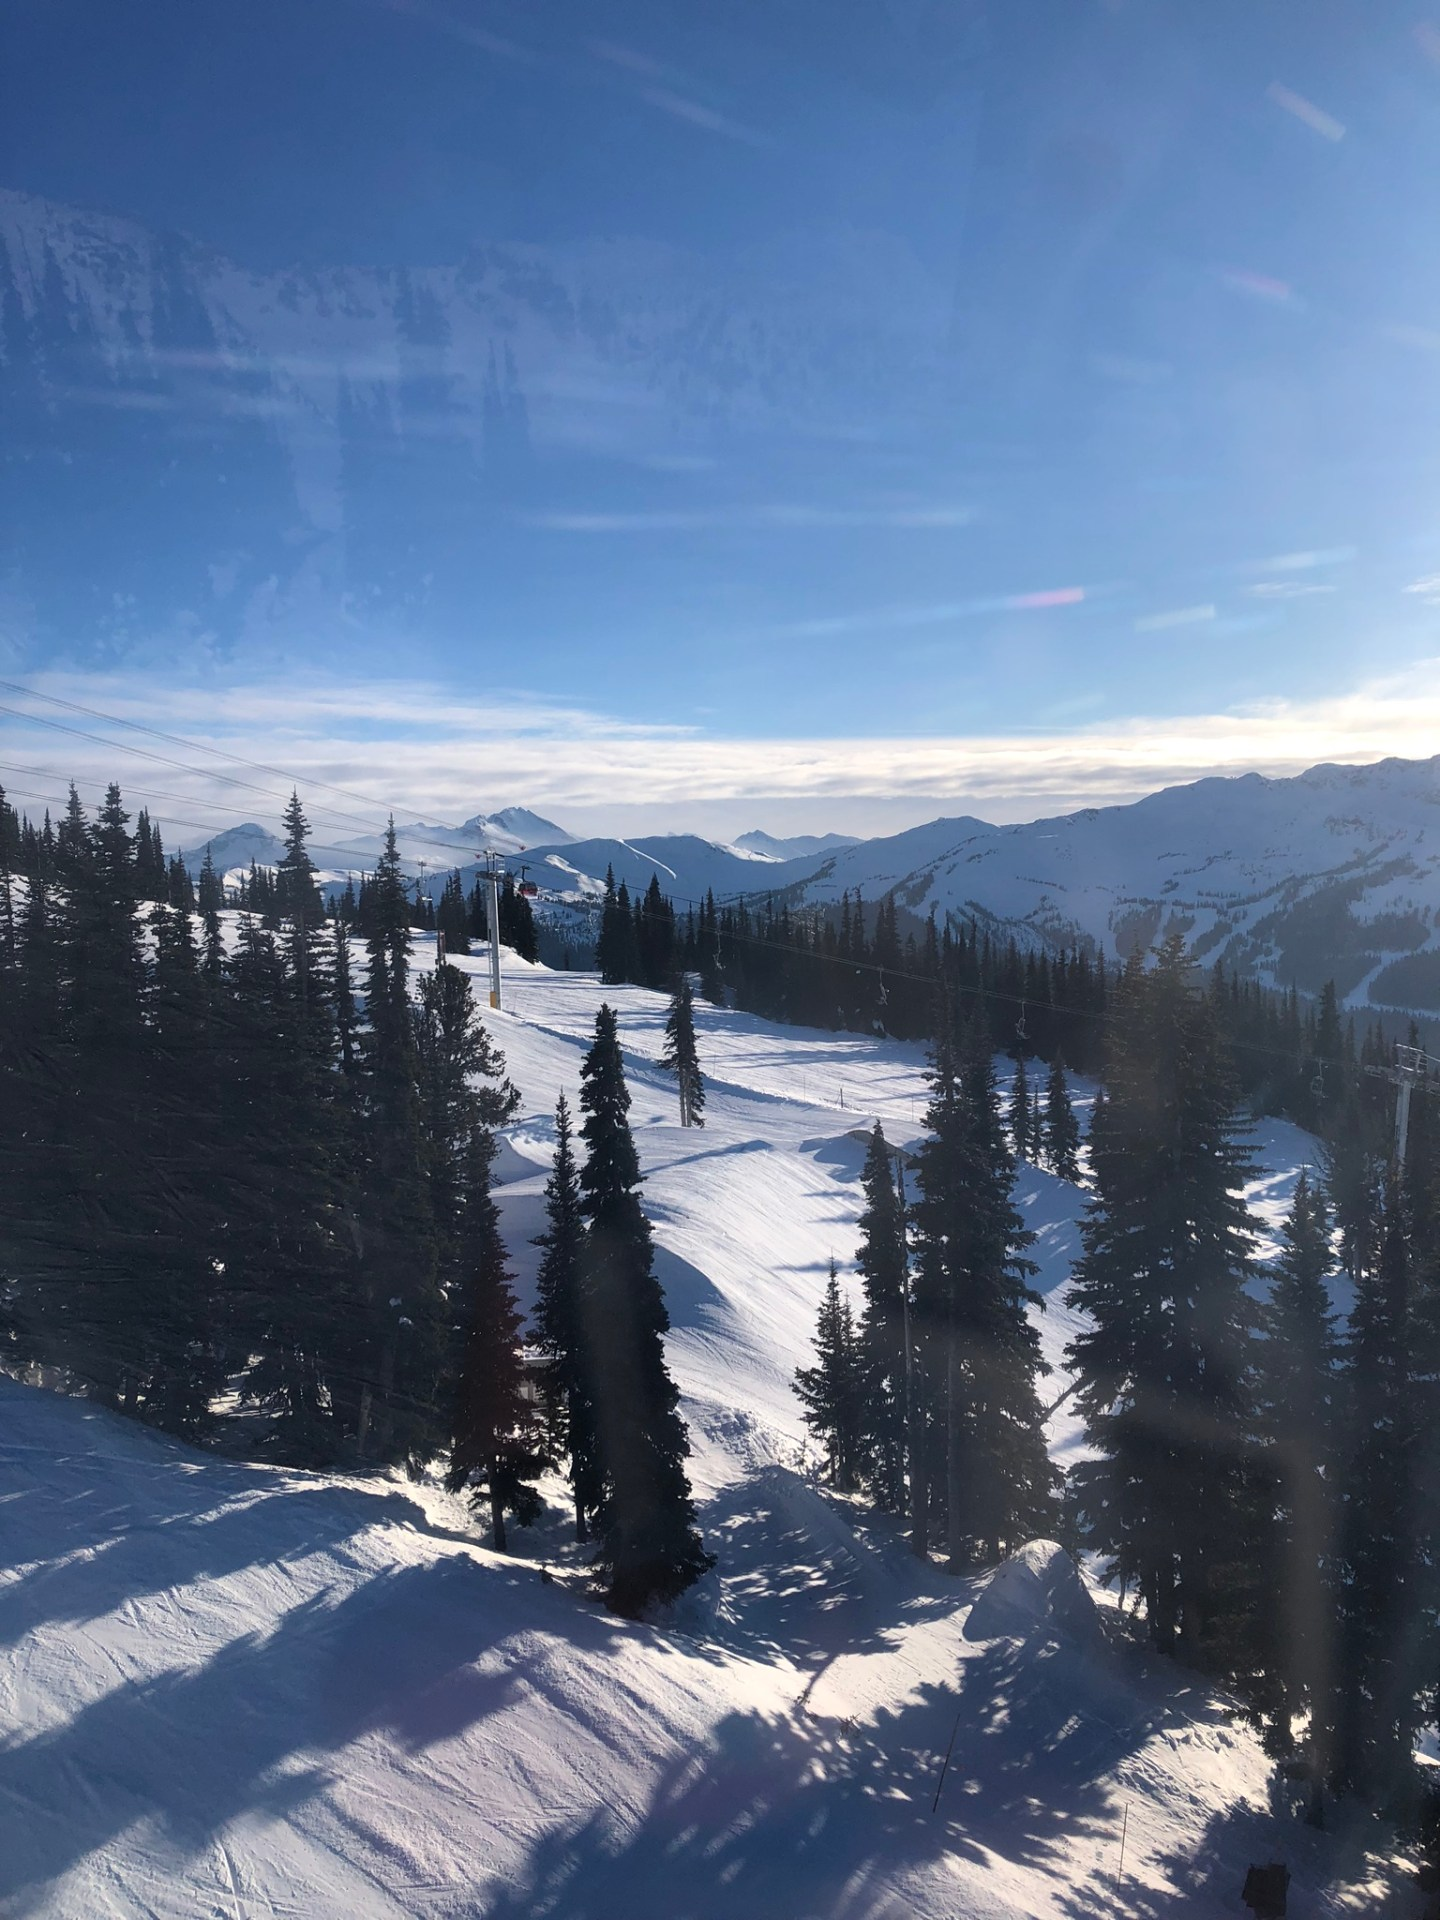 Views over Blackcomb Mountain, Whistler